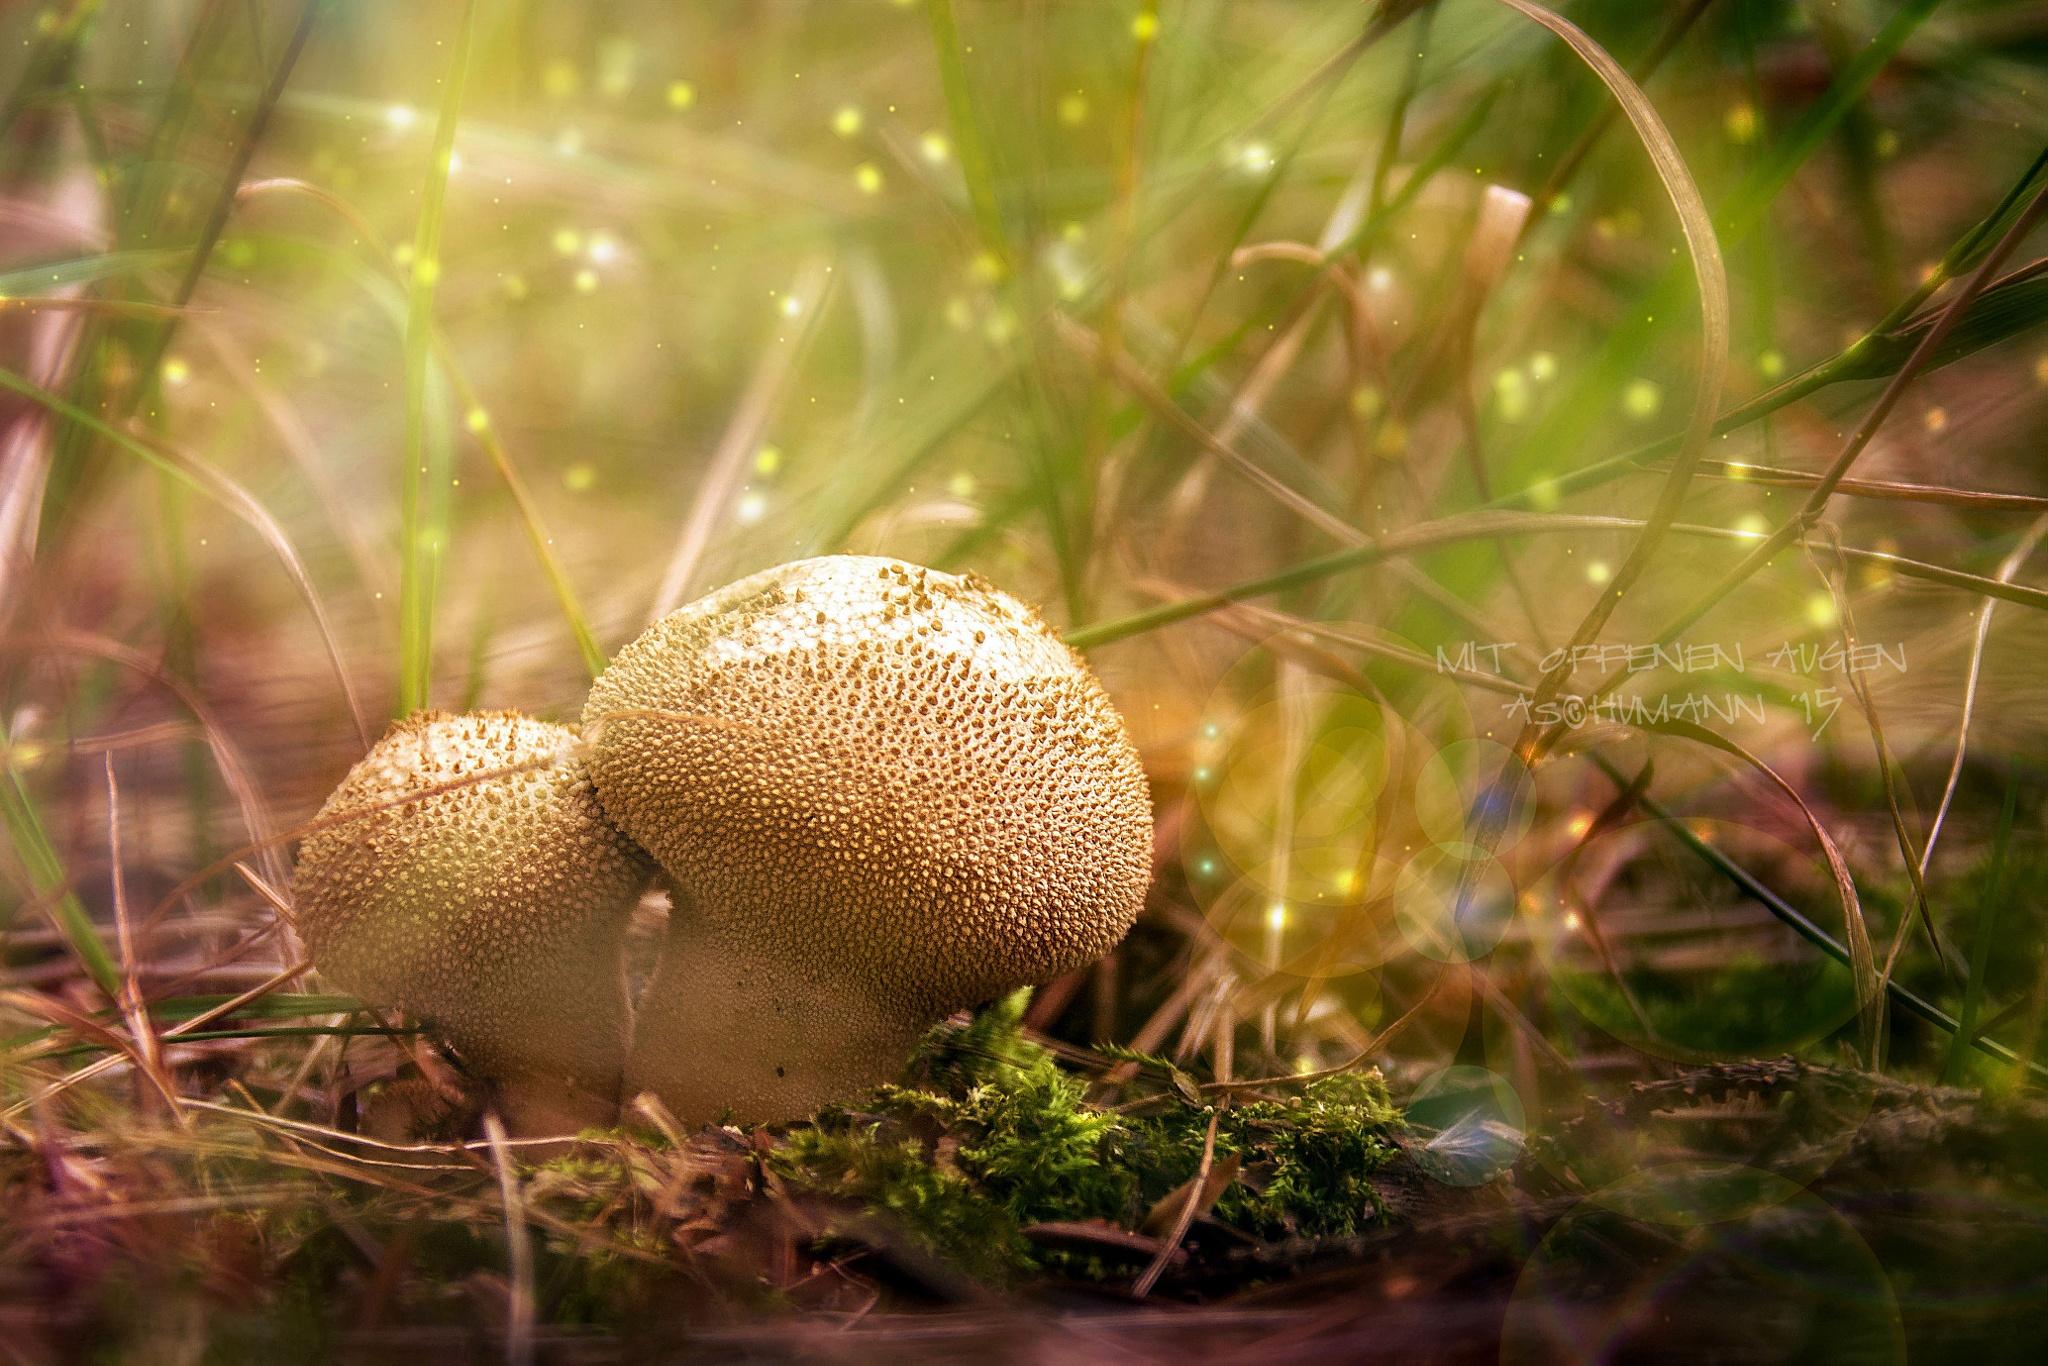 ...when the mushrooms grow by Annett Schumann